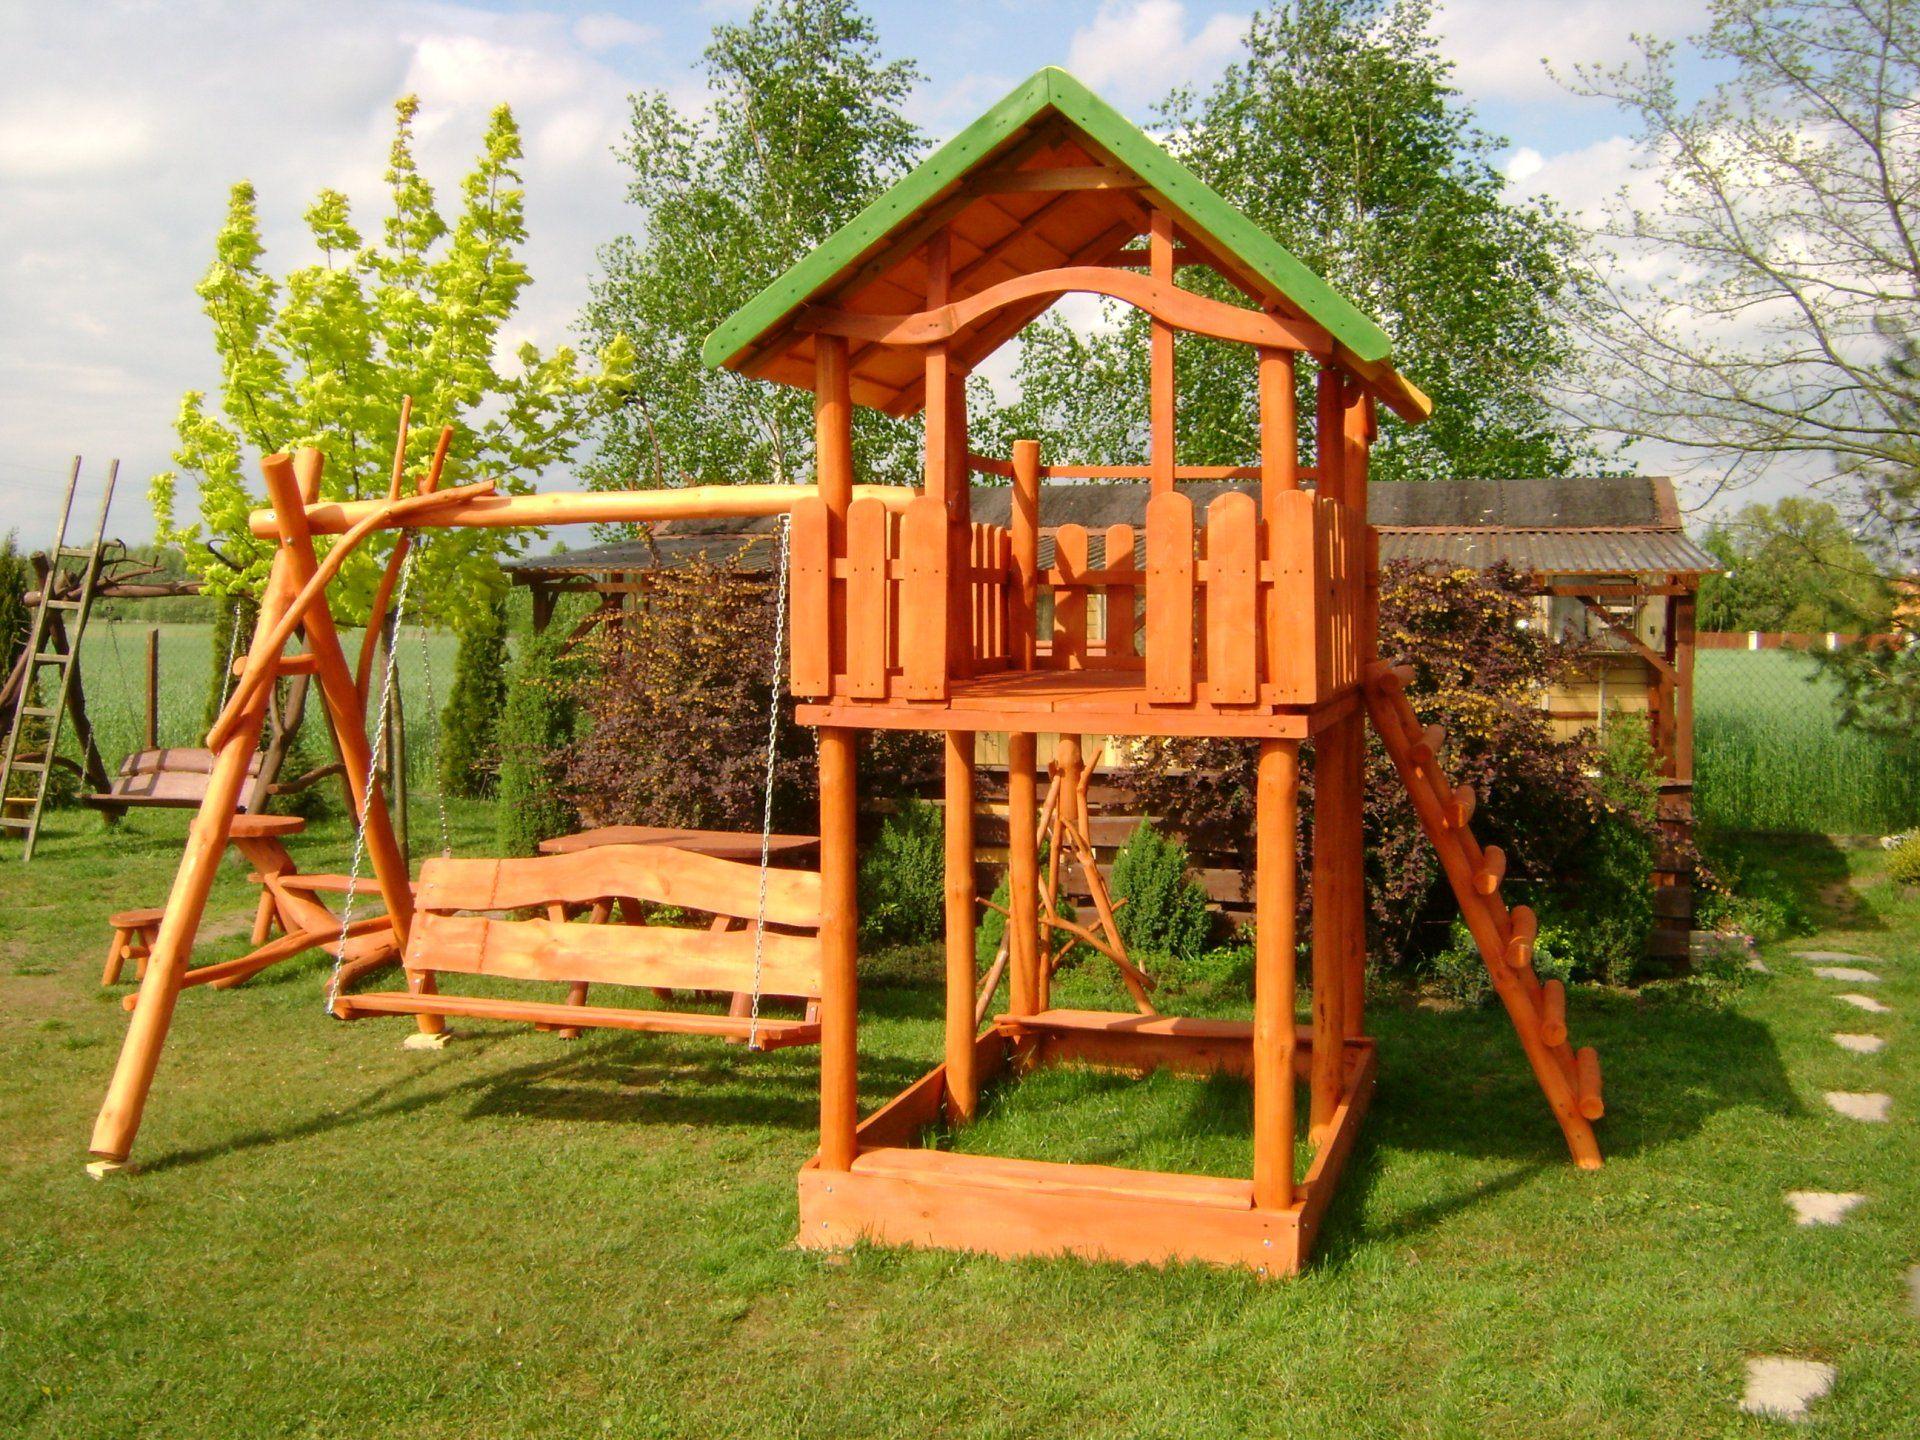 Domek do zabaw dla dzieci